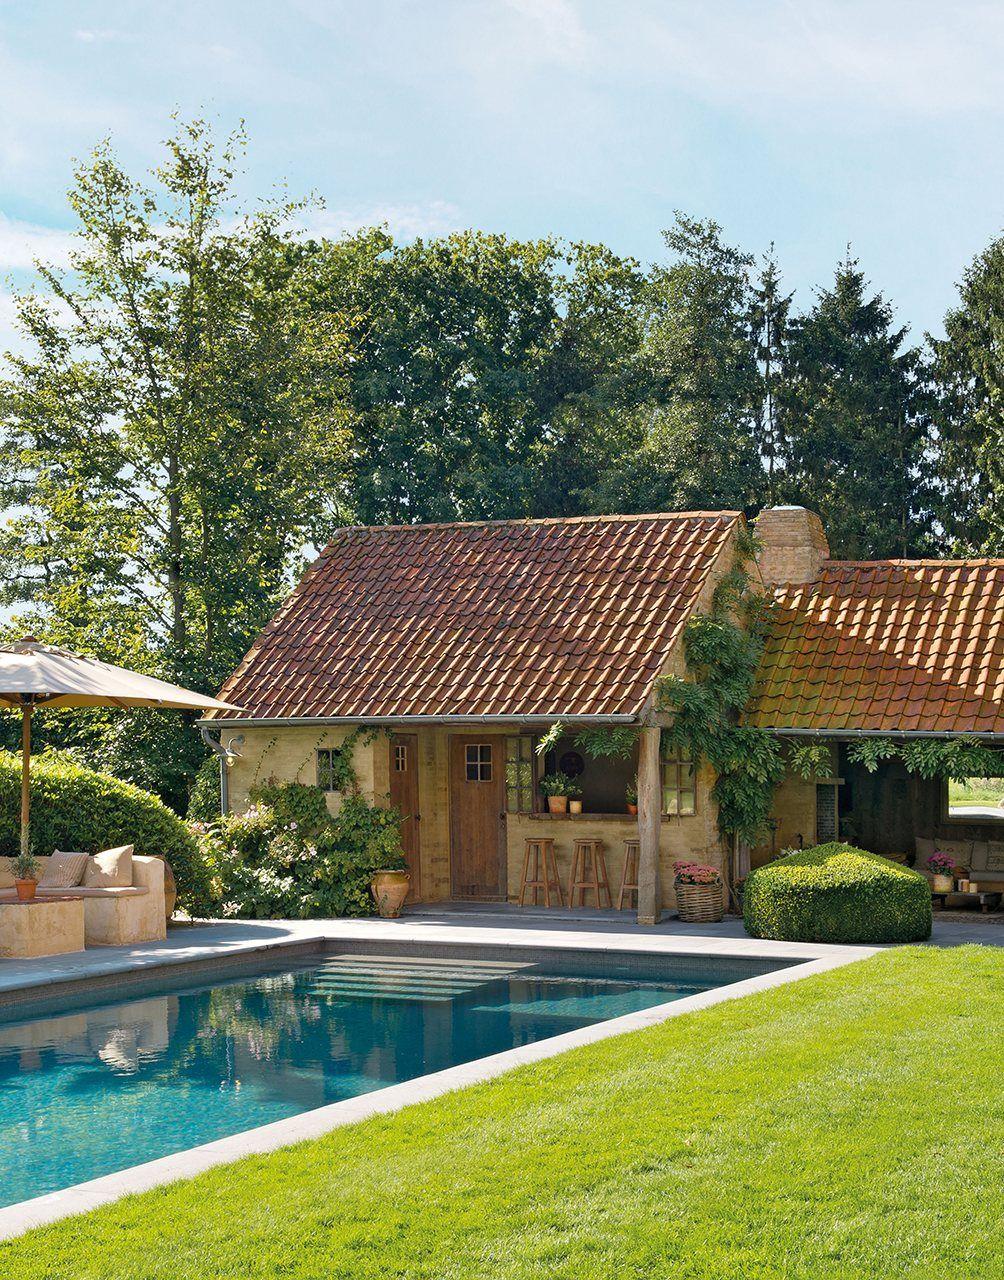 Una casa de campo muy acogedora con un jard n y un porche de ensue o my home pinterest la - Jardines de casas de campo ...